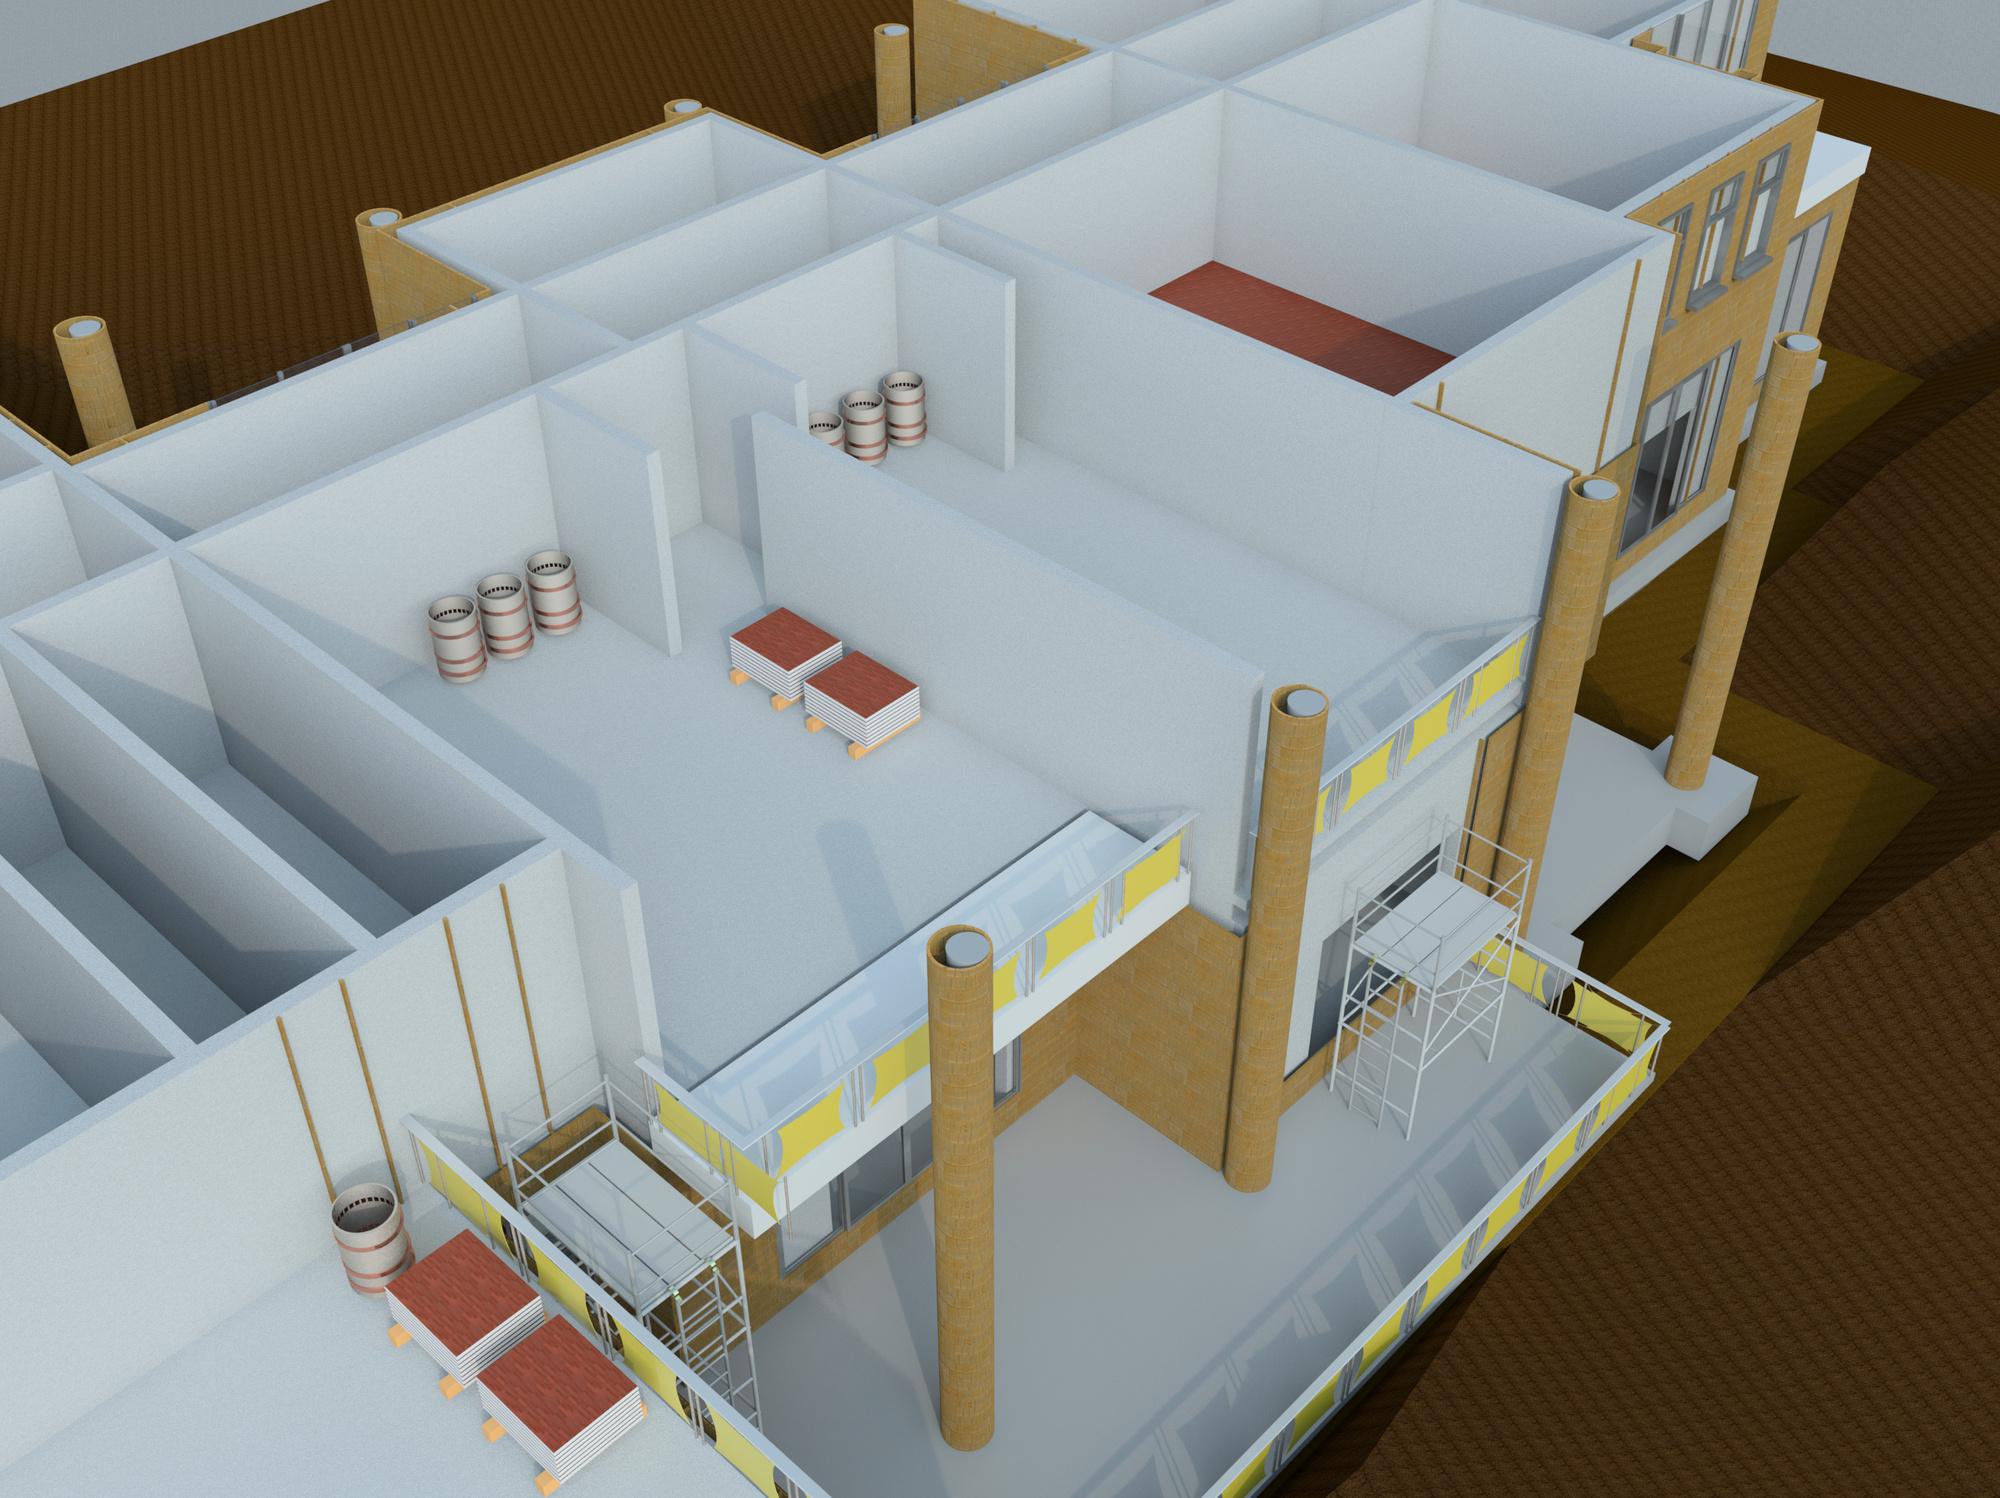 Raas-rendering20150129-332-1psnmzk